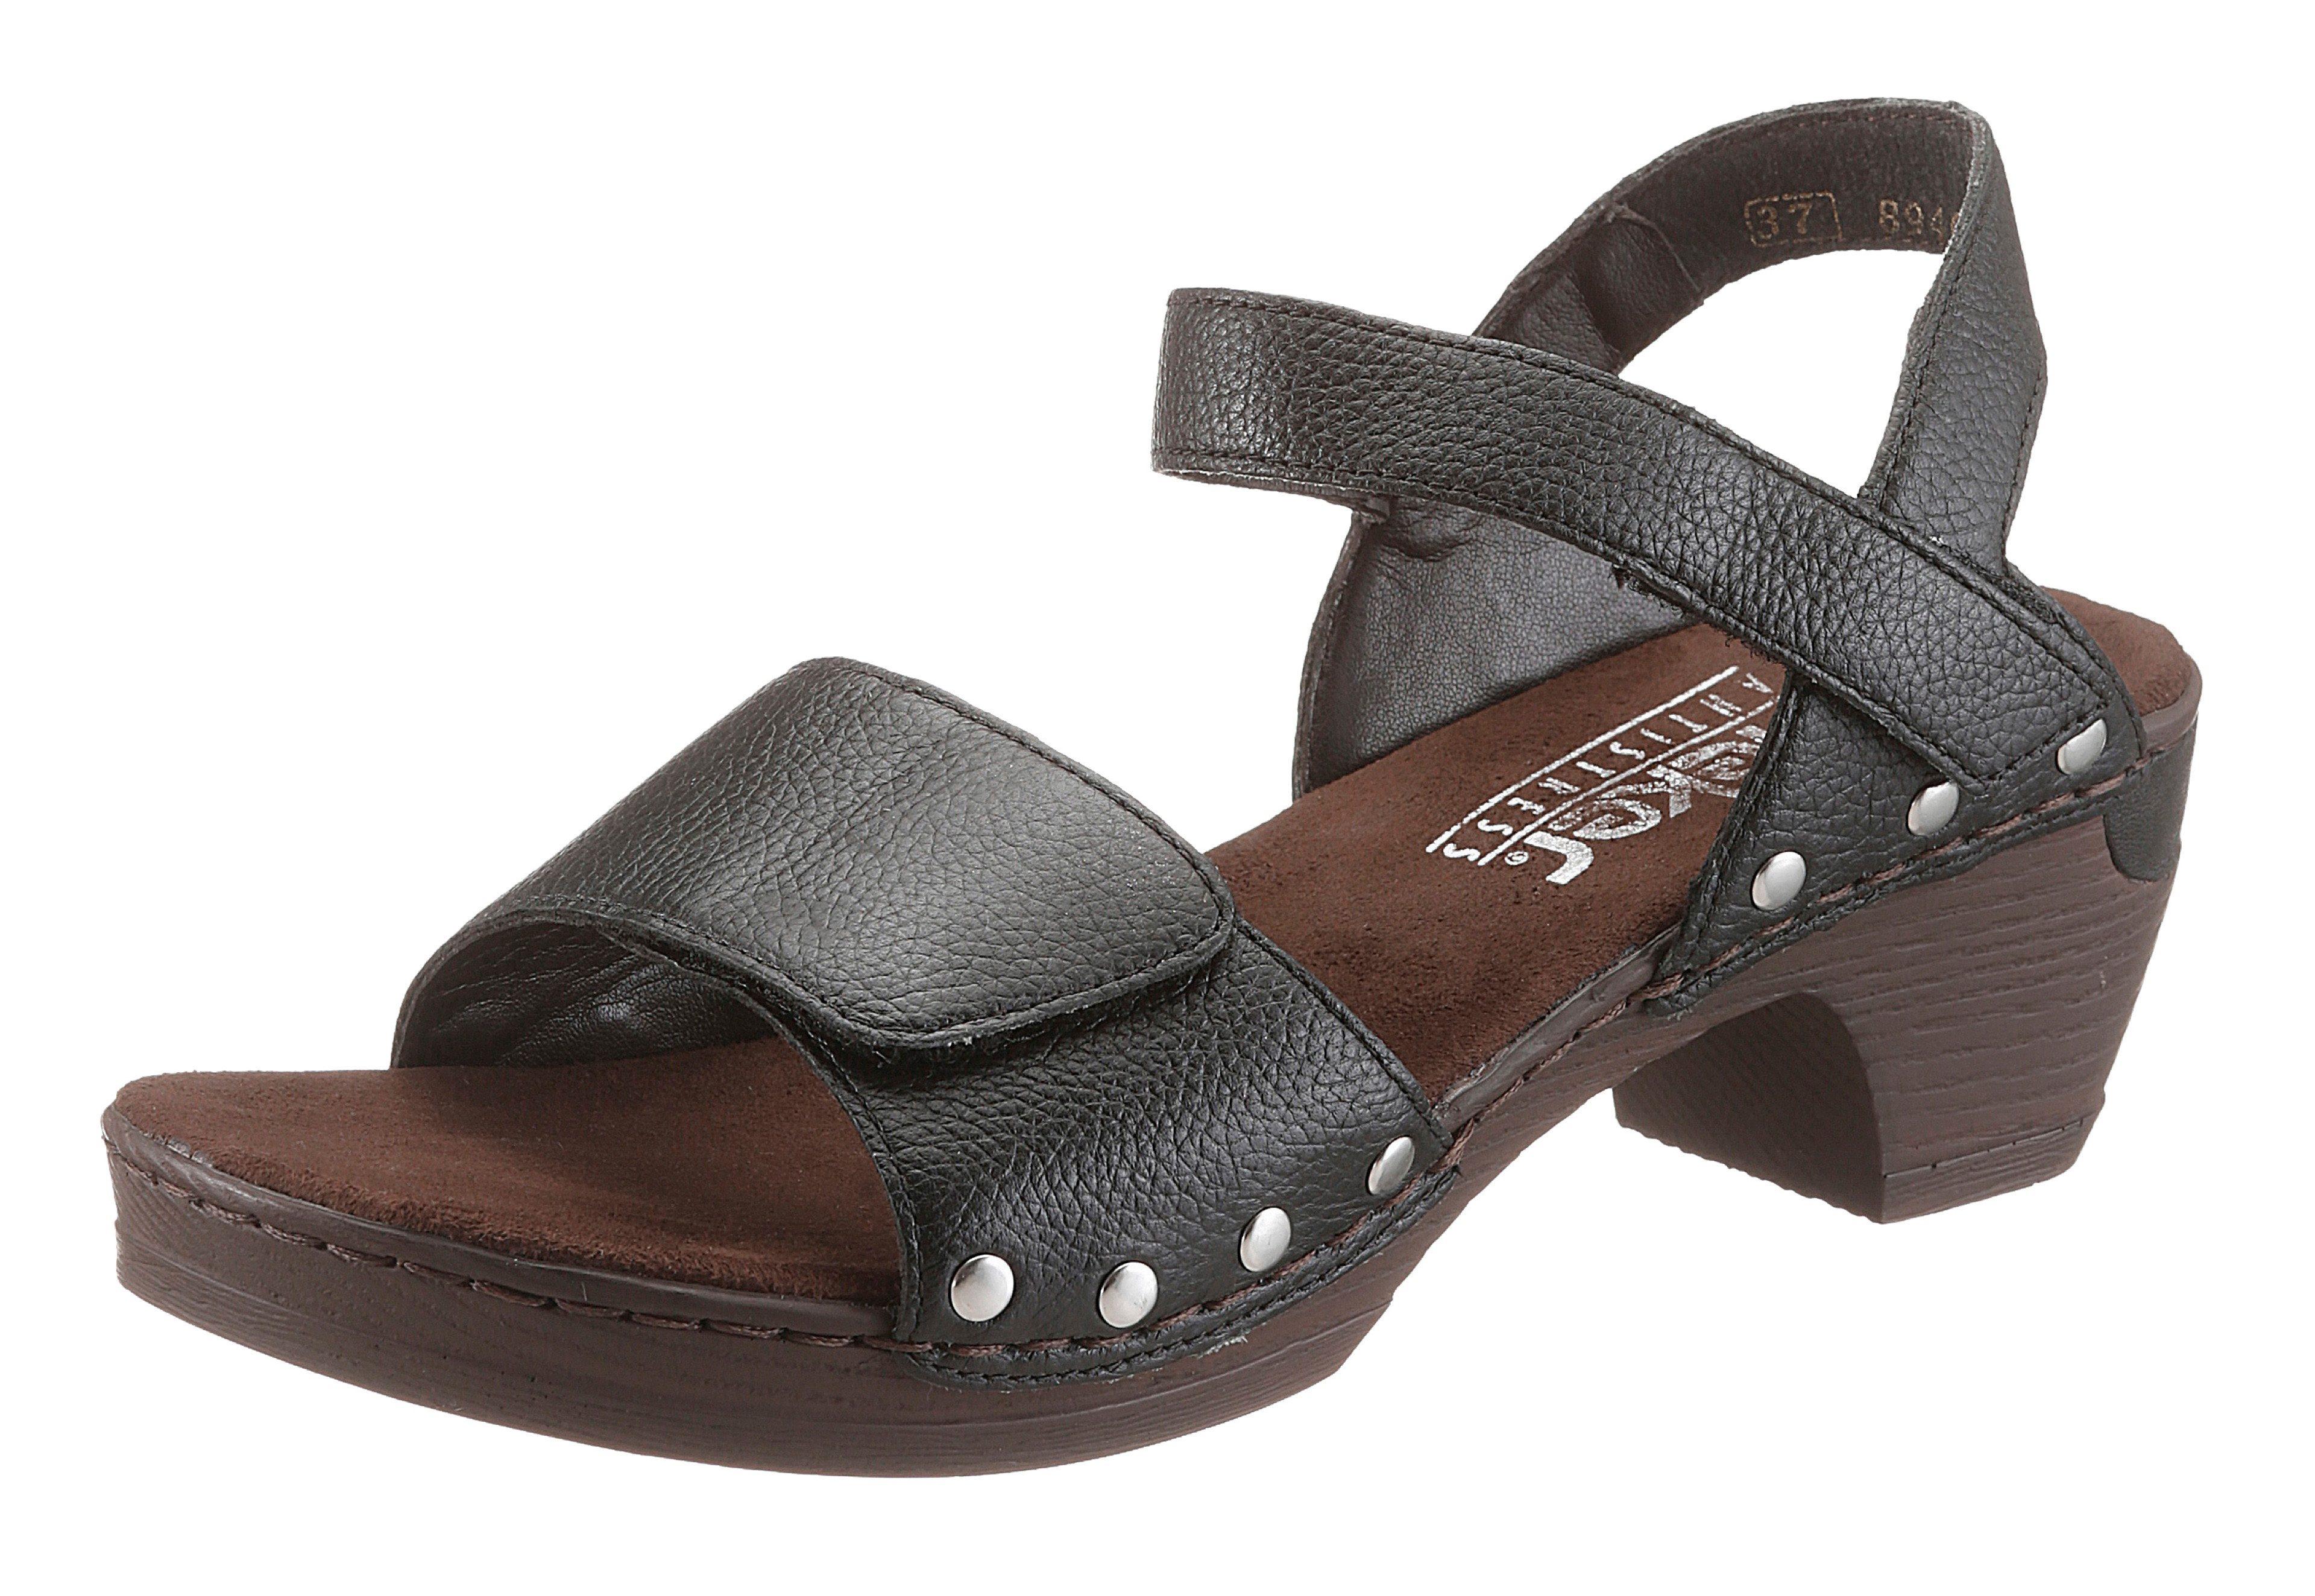 Rieker Sandalette mit glänzenden Nieten, Obermaterial aus Leder online kaufen | OTTO